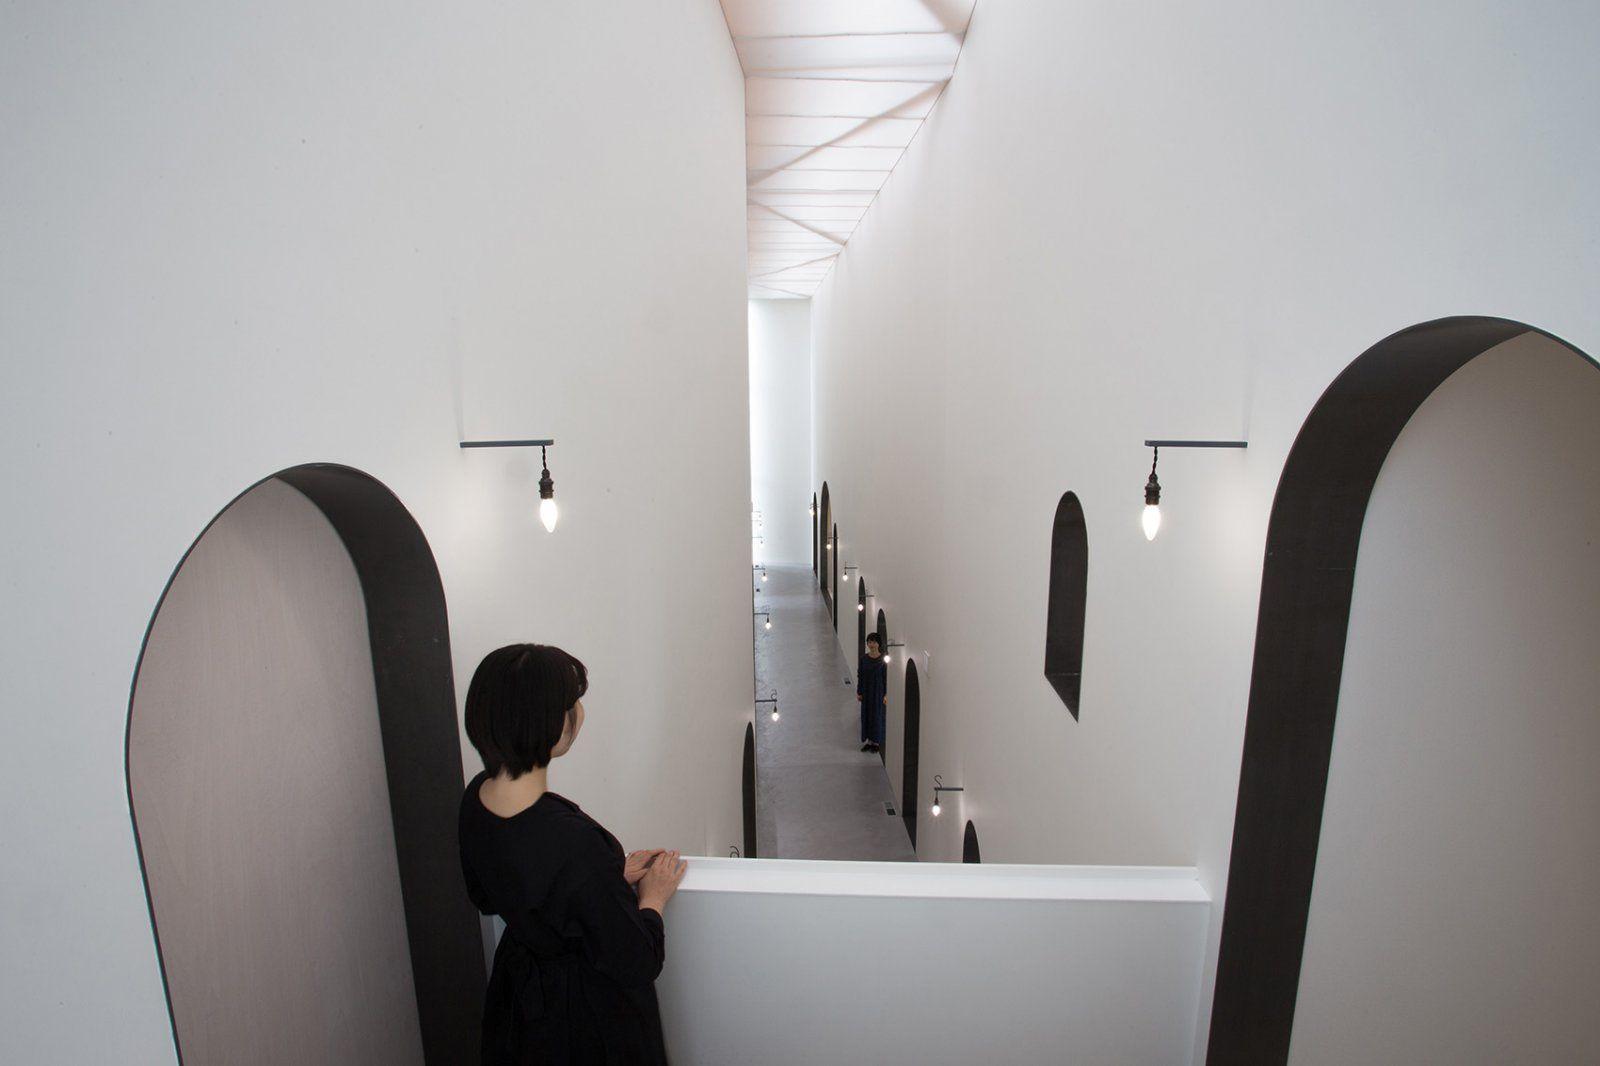 日本爱知县 NK 牙科诊所 1-1 Architects